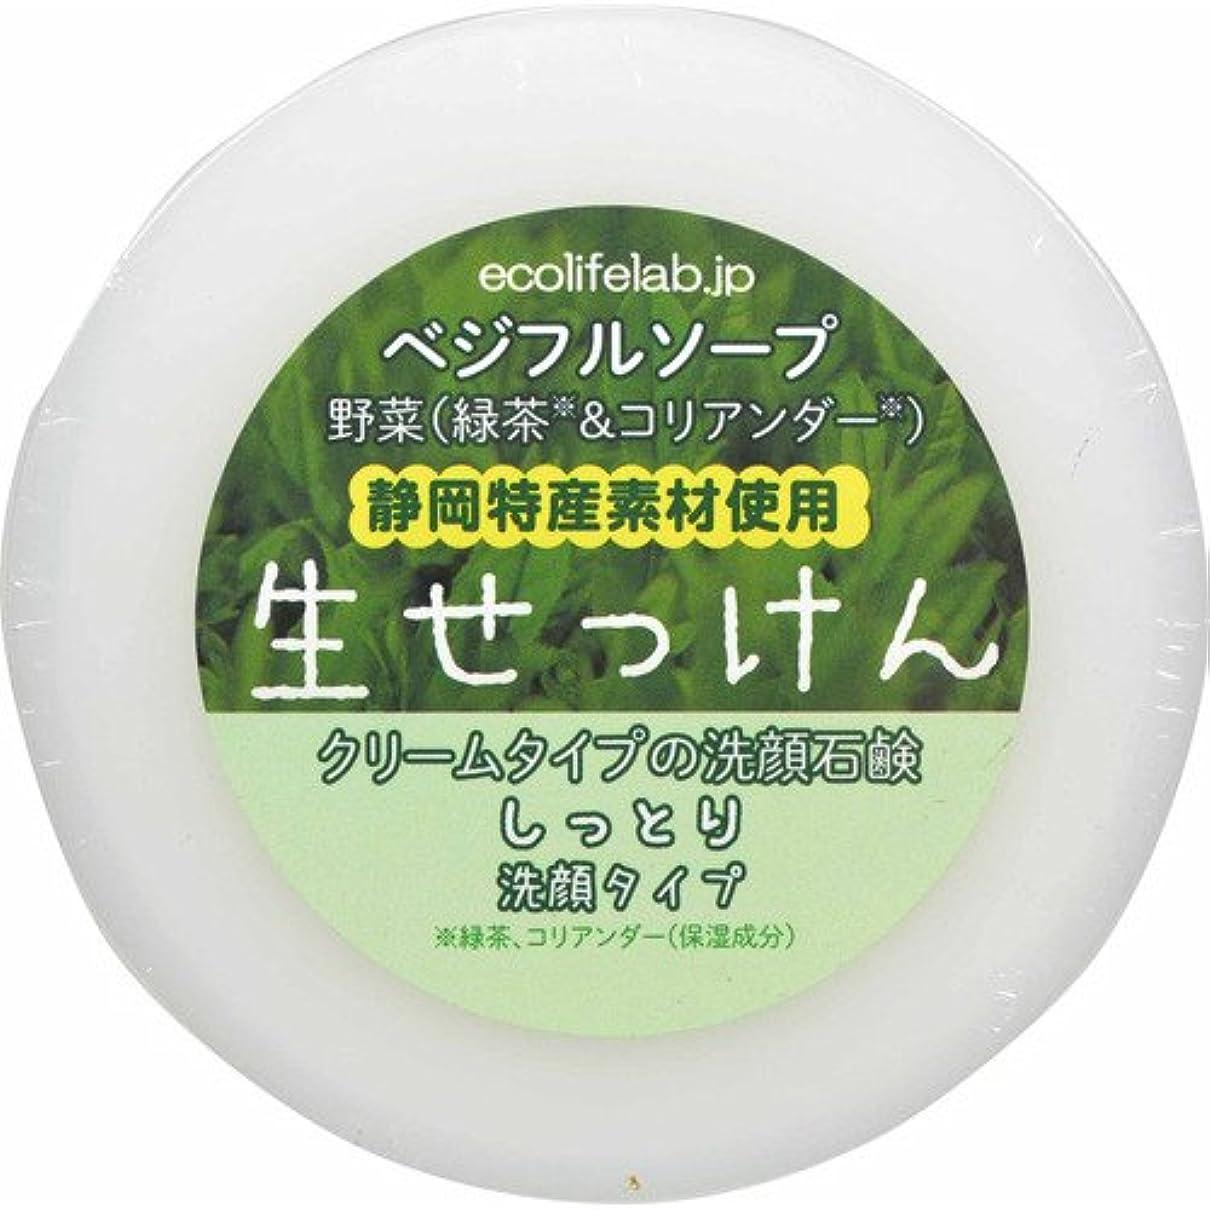 評価化学食用ベジフルソープ 生せっけん(野菜) しっとり洗顔タイプ 100g